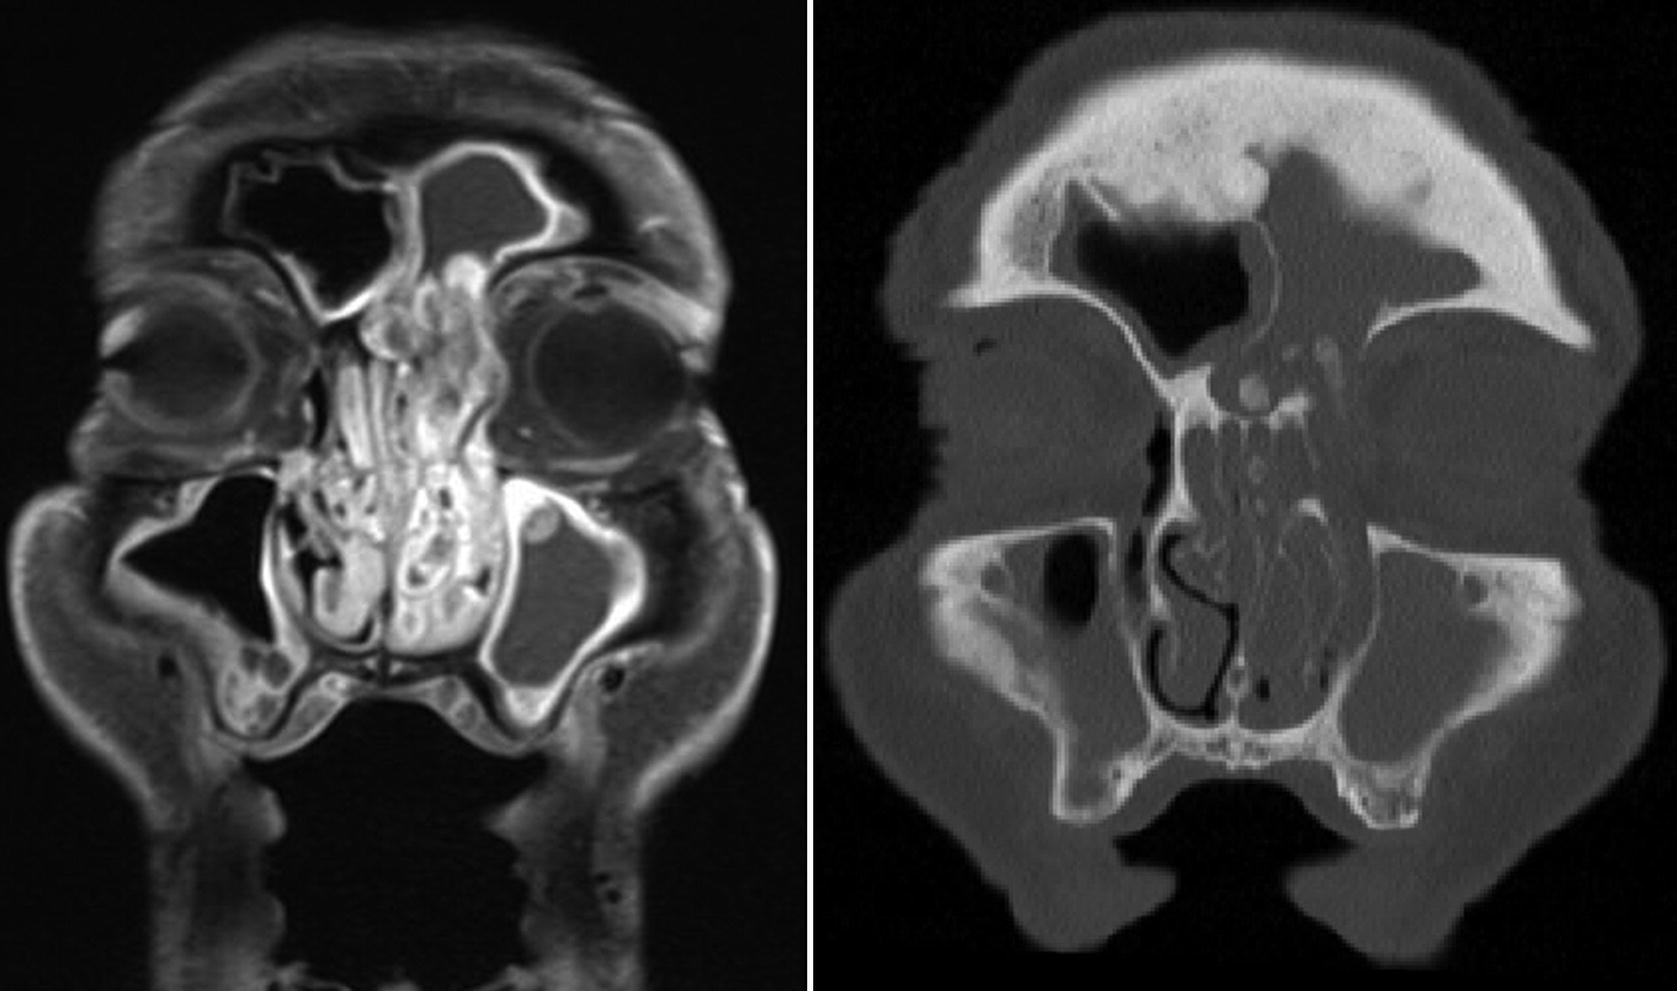 végbélrák nyirokcsomó érintettséggel humán papillomavírus diagnózis